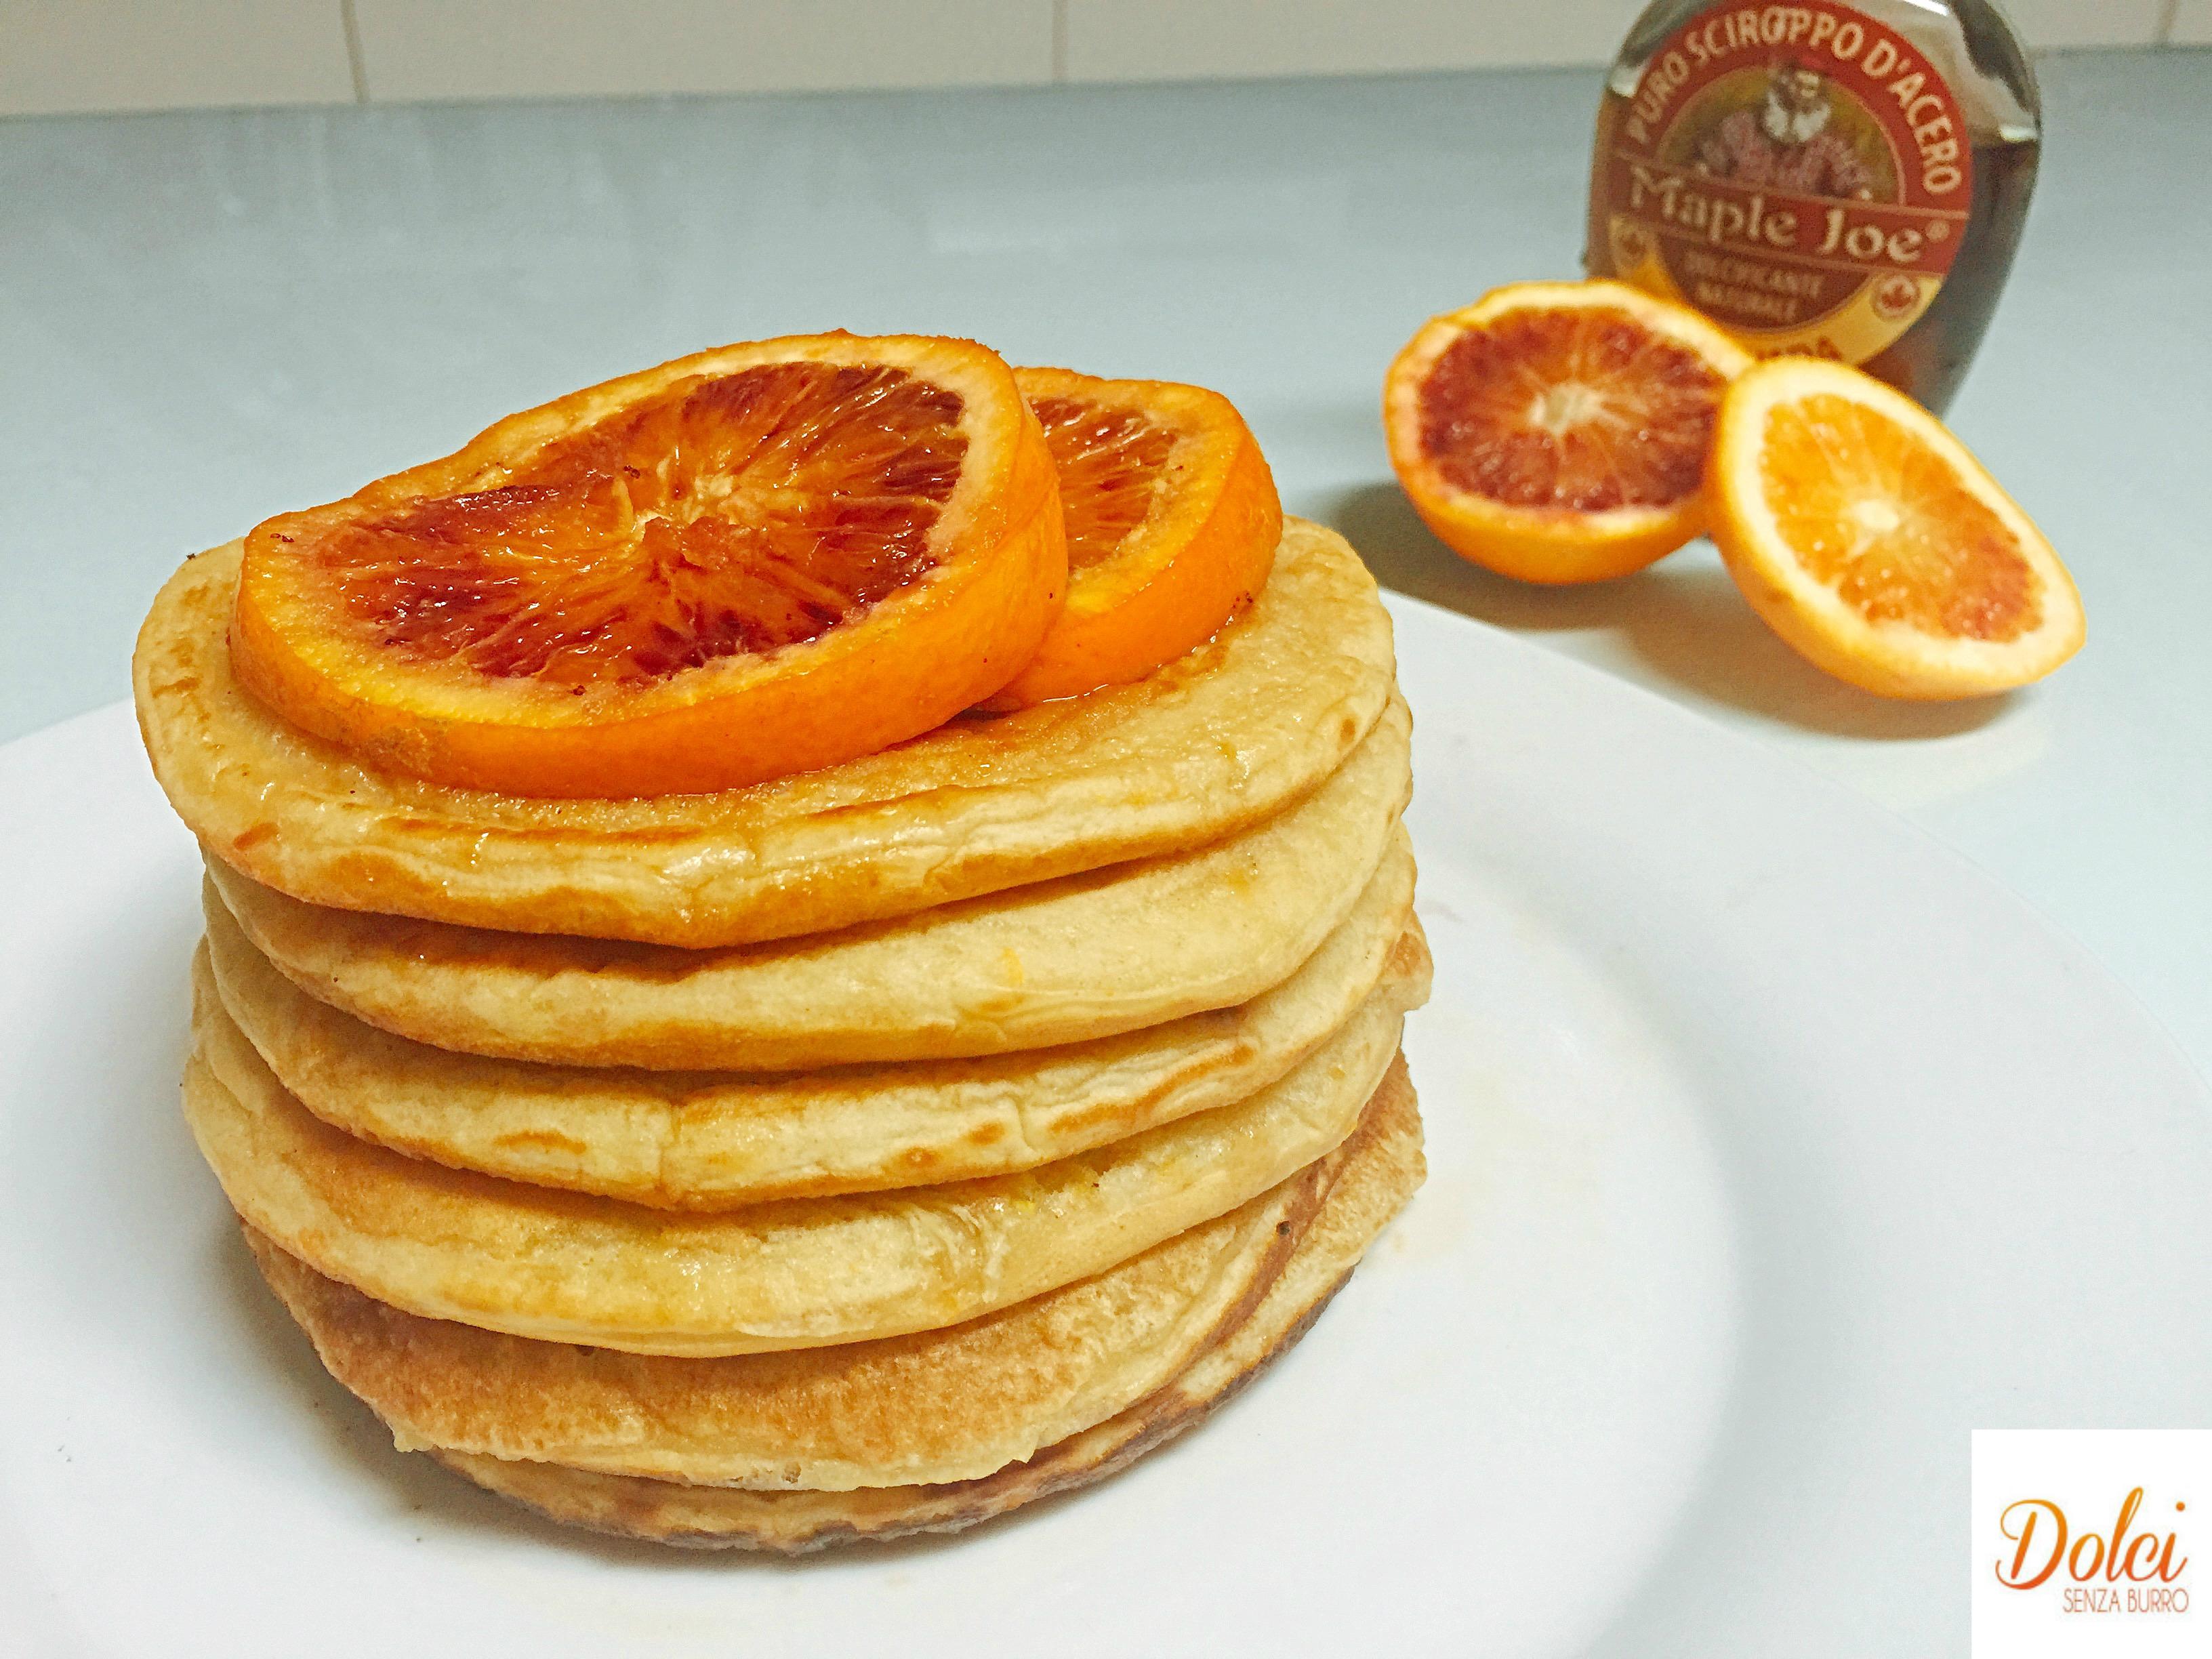 Pancake all'Arancia Senza Burro, super golosi leggeri e delicati di dolci senza burro